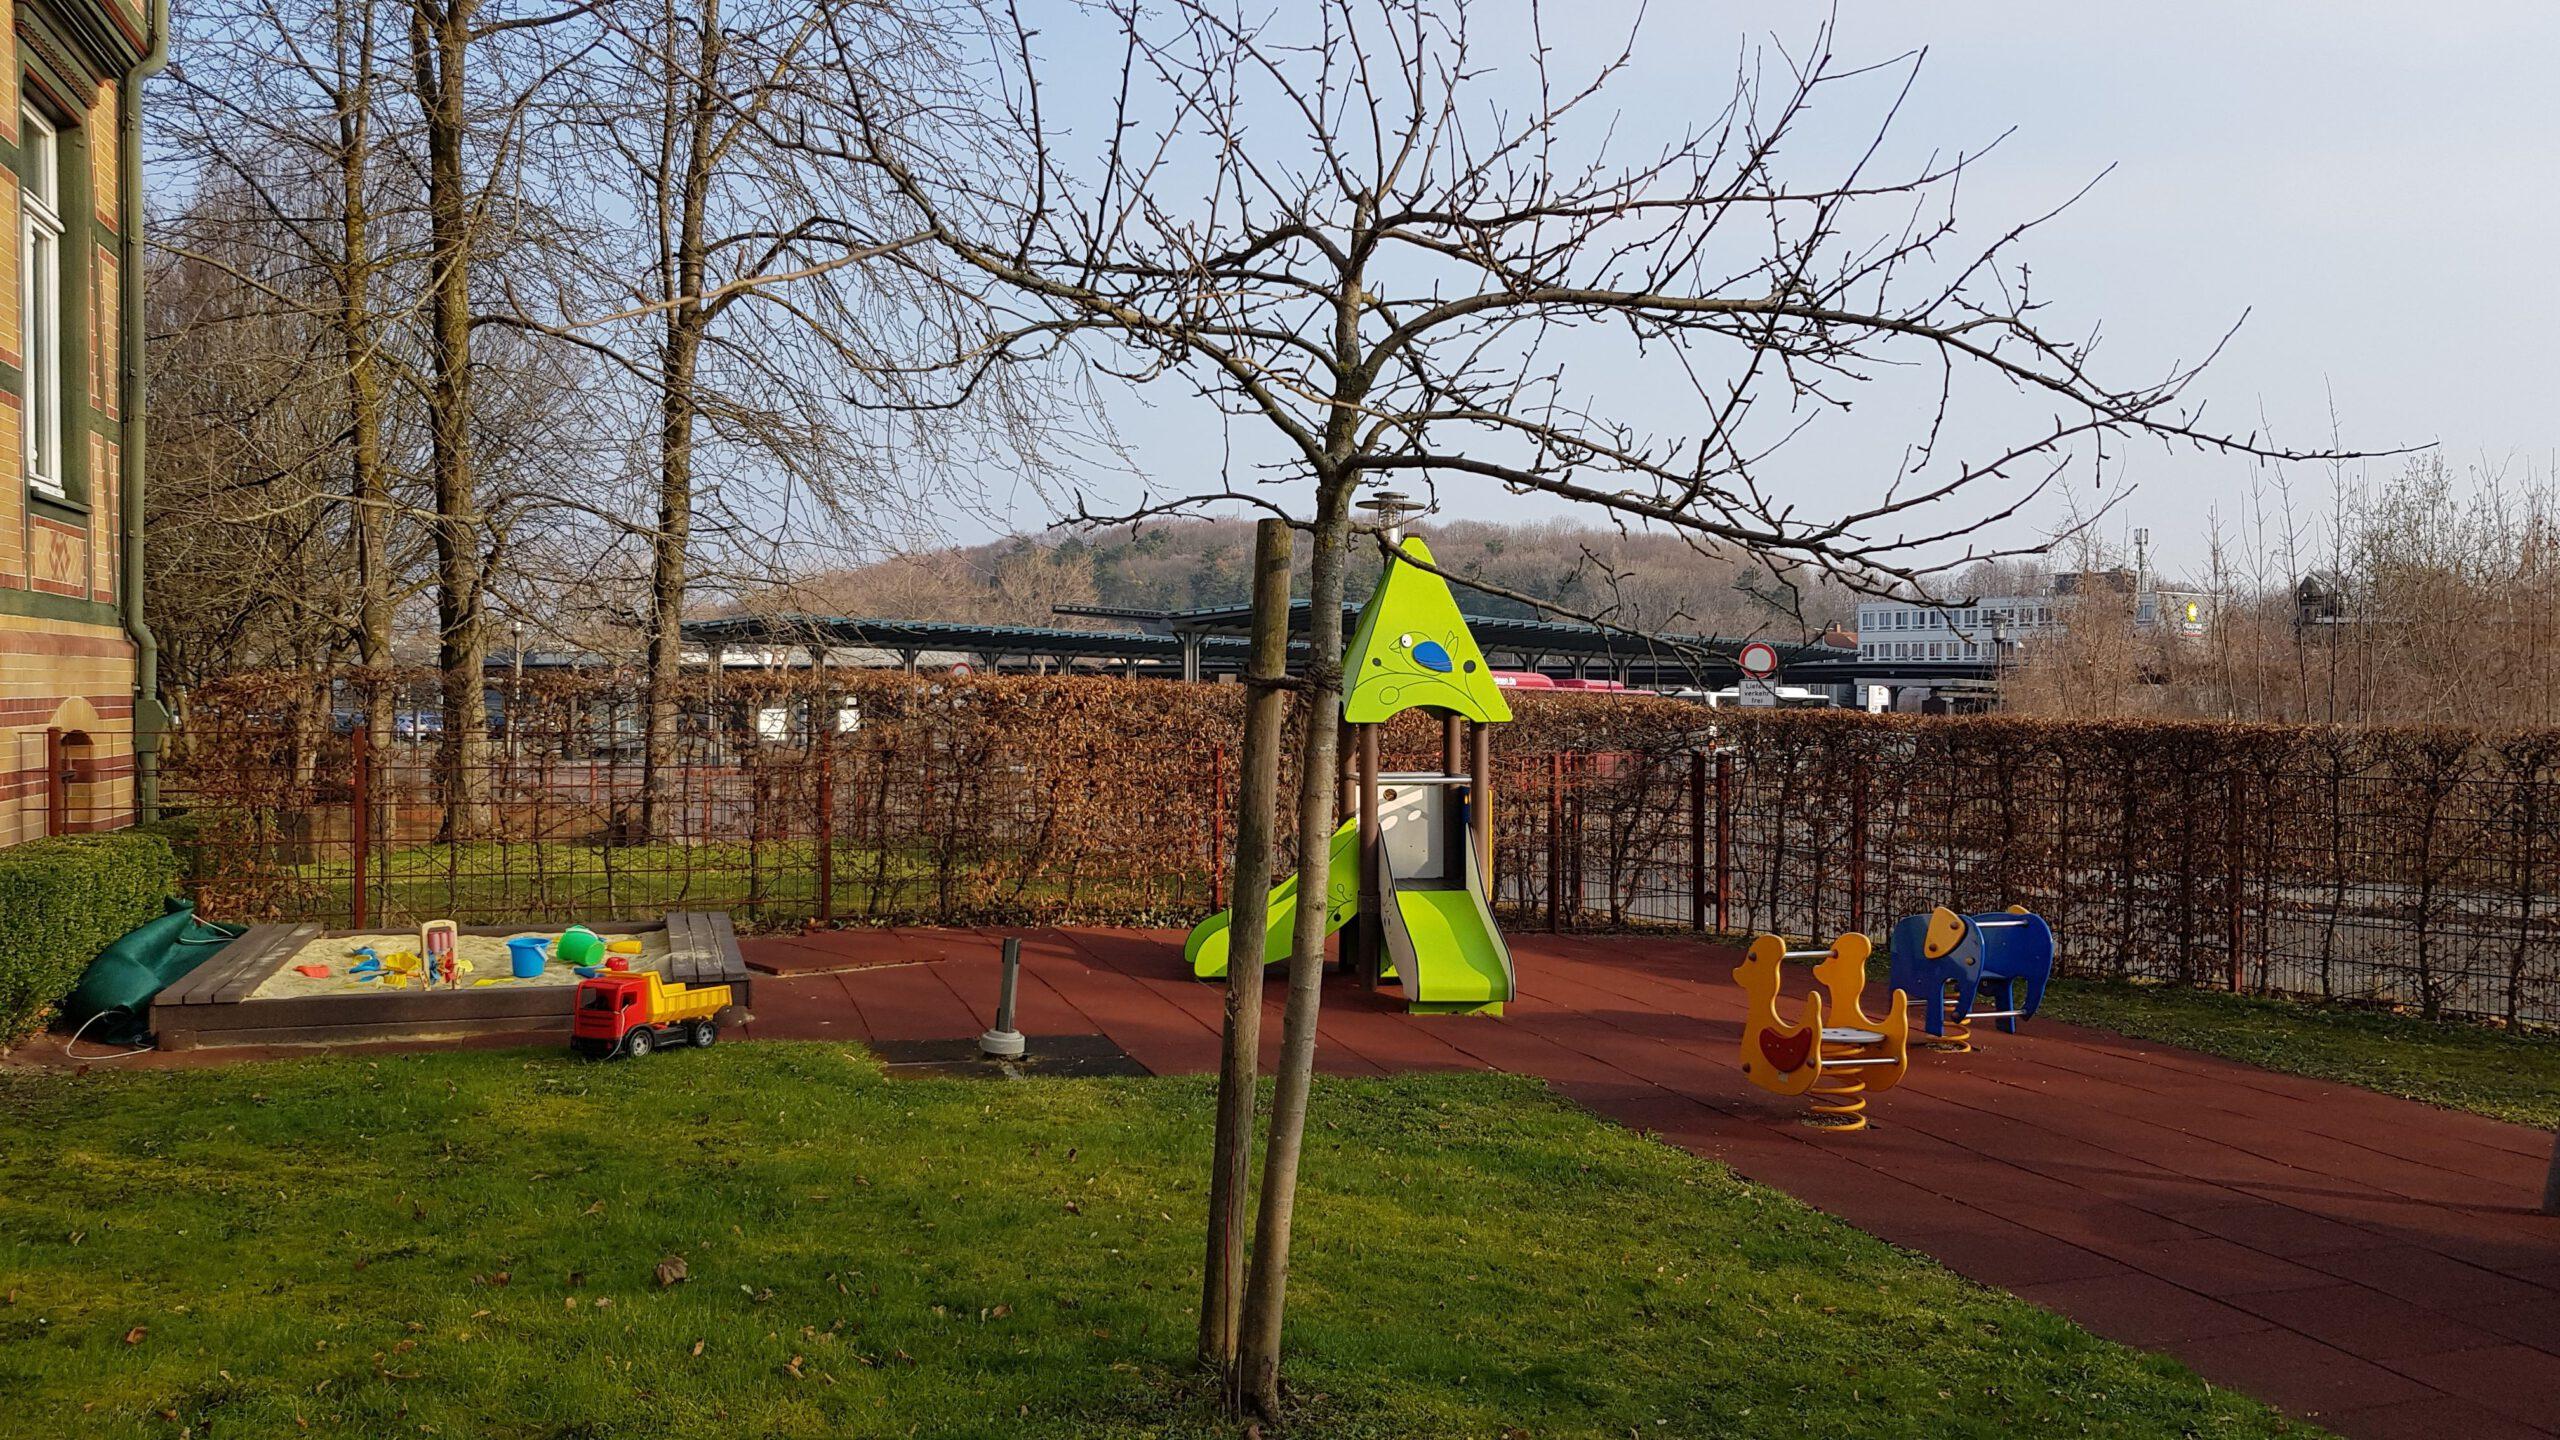 Kindergrosstagespflege Klubgarten Zwerge goslar kindertagespflege tagesmutter kinderbetreung scaled